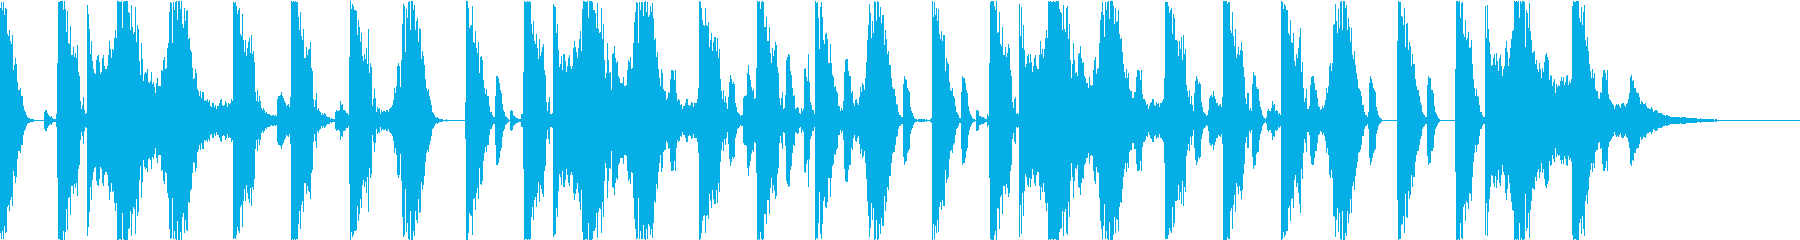 リラックスとしたBGMの再生済みの波形